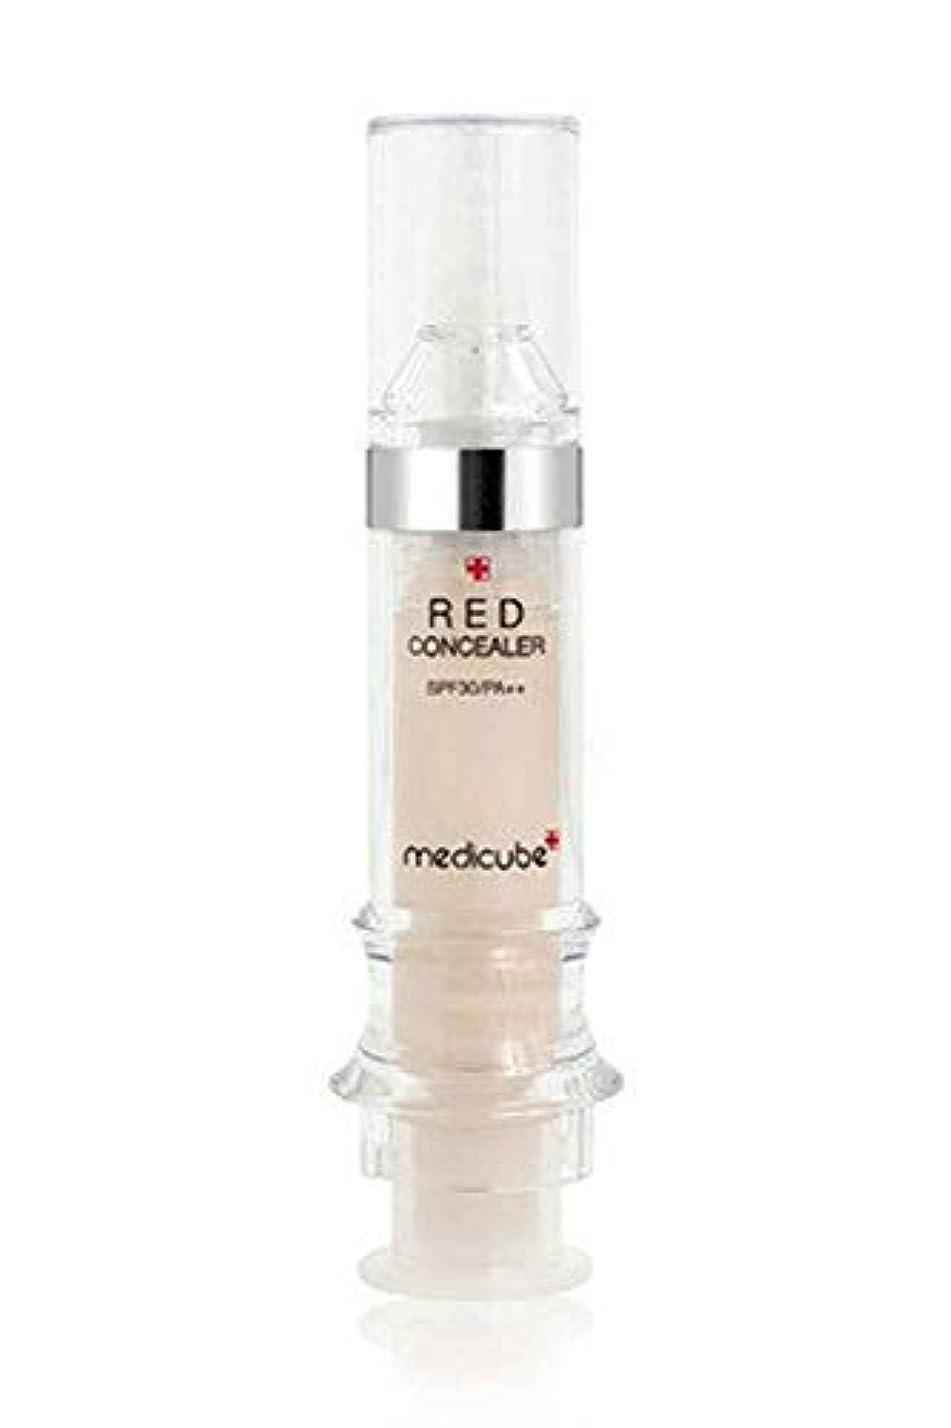 ことわざ透けて見える復活する[Medicube]Red Red Concealer #21 5.5ml メディキューブ レッドコンシーラー#21 5.5ml [並行輸入品]